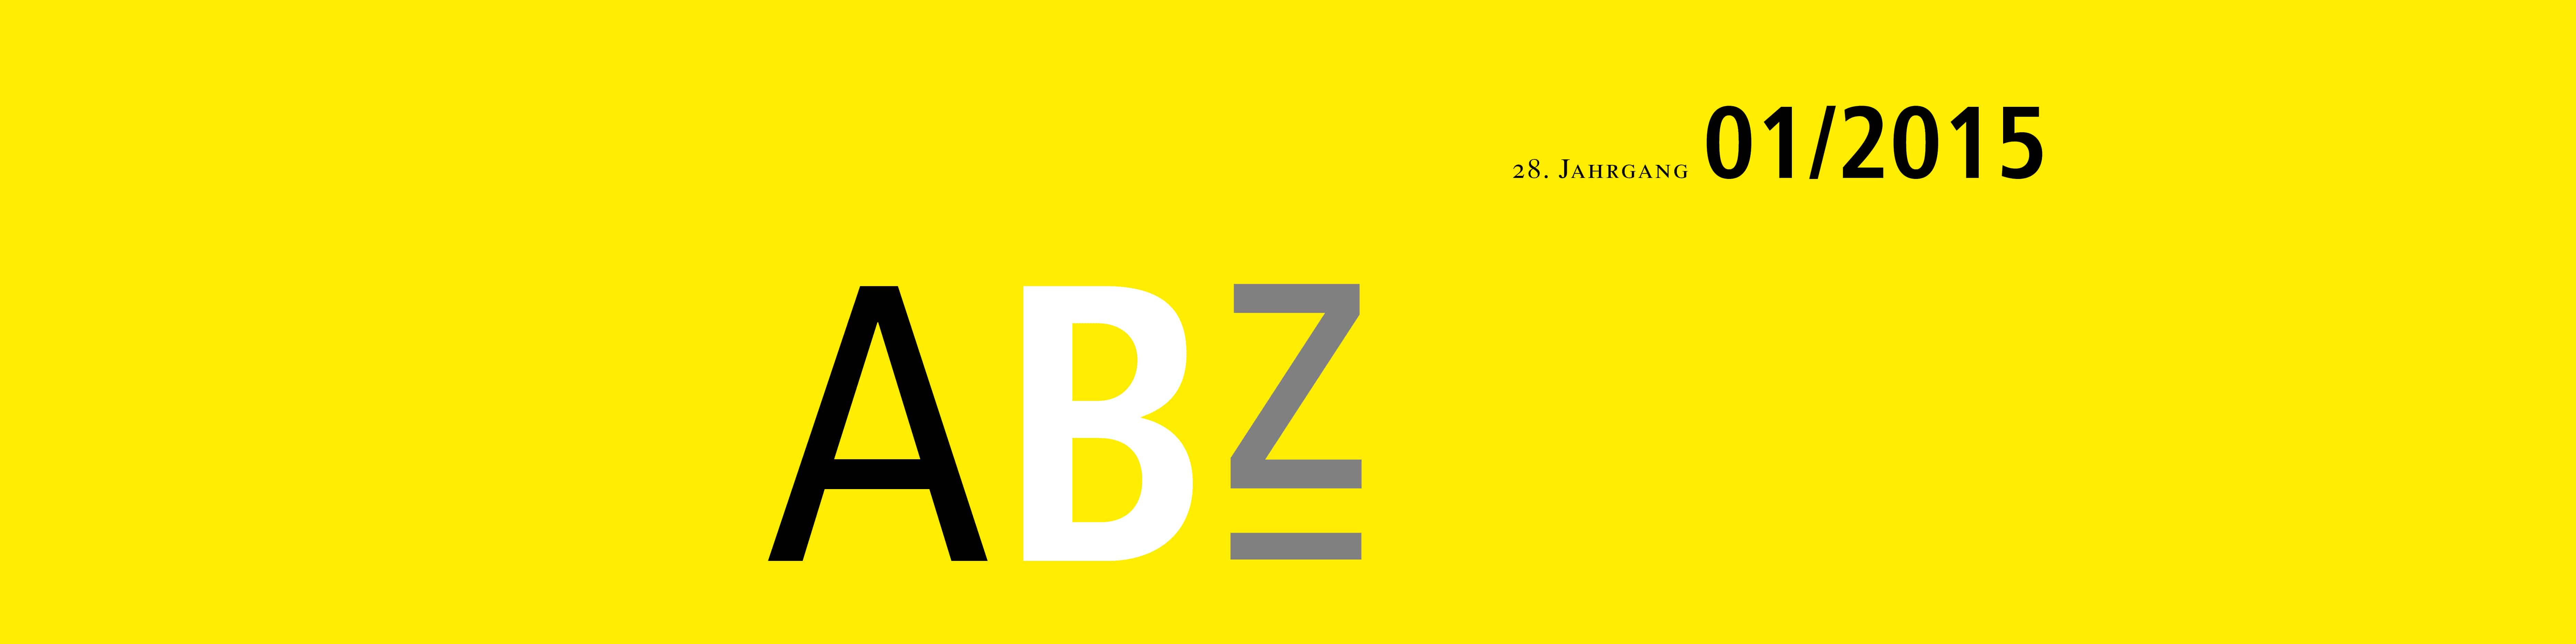 ABZ TANNER Zeitschrift Header 01/2015